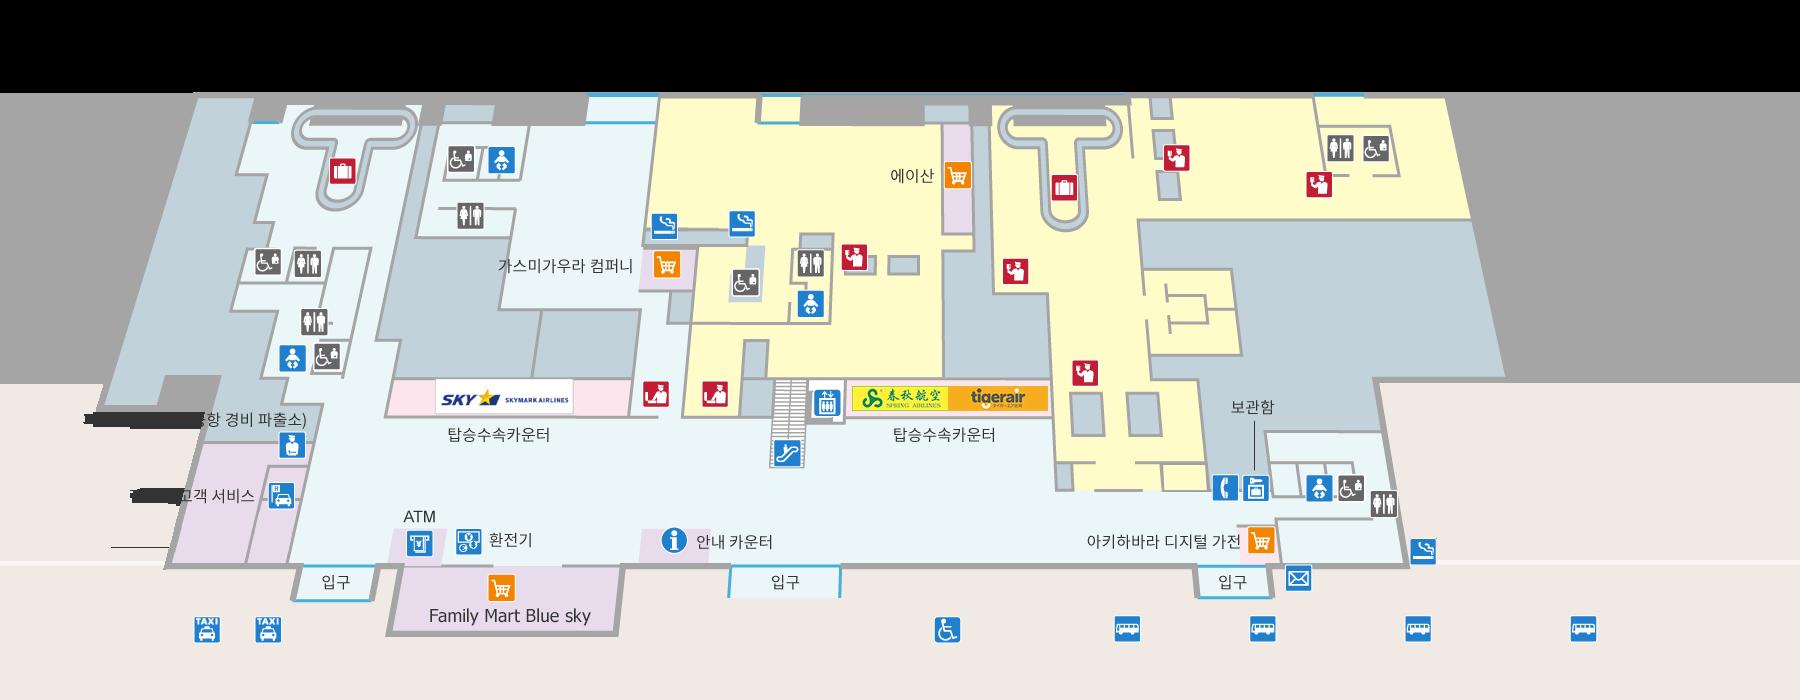 1층 편의시설 및 설비